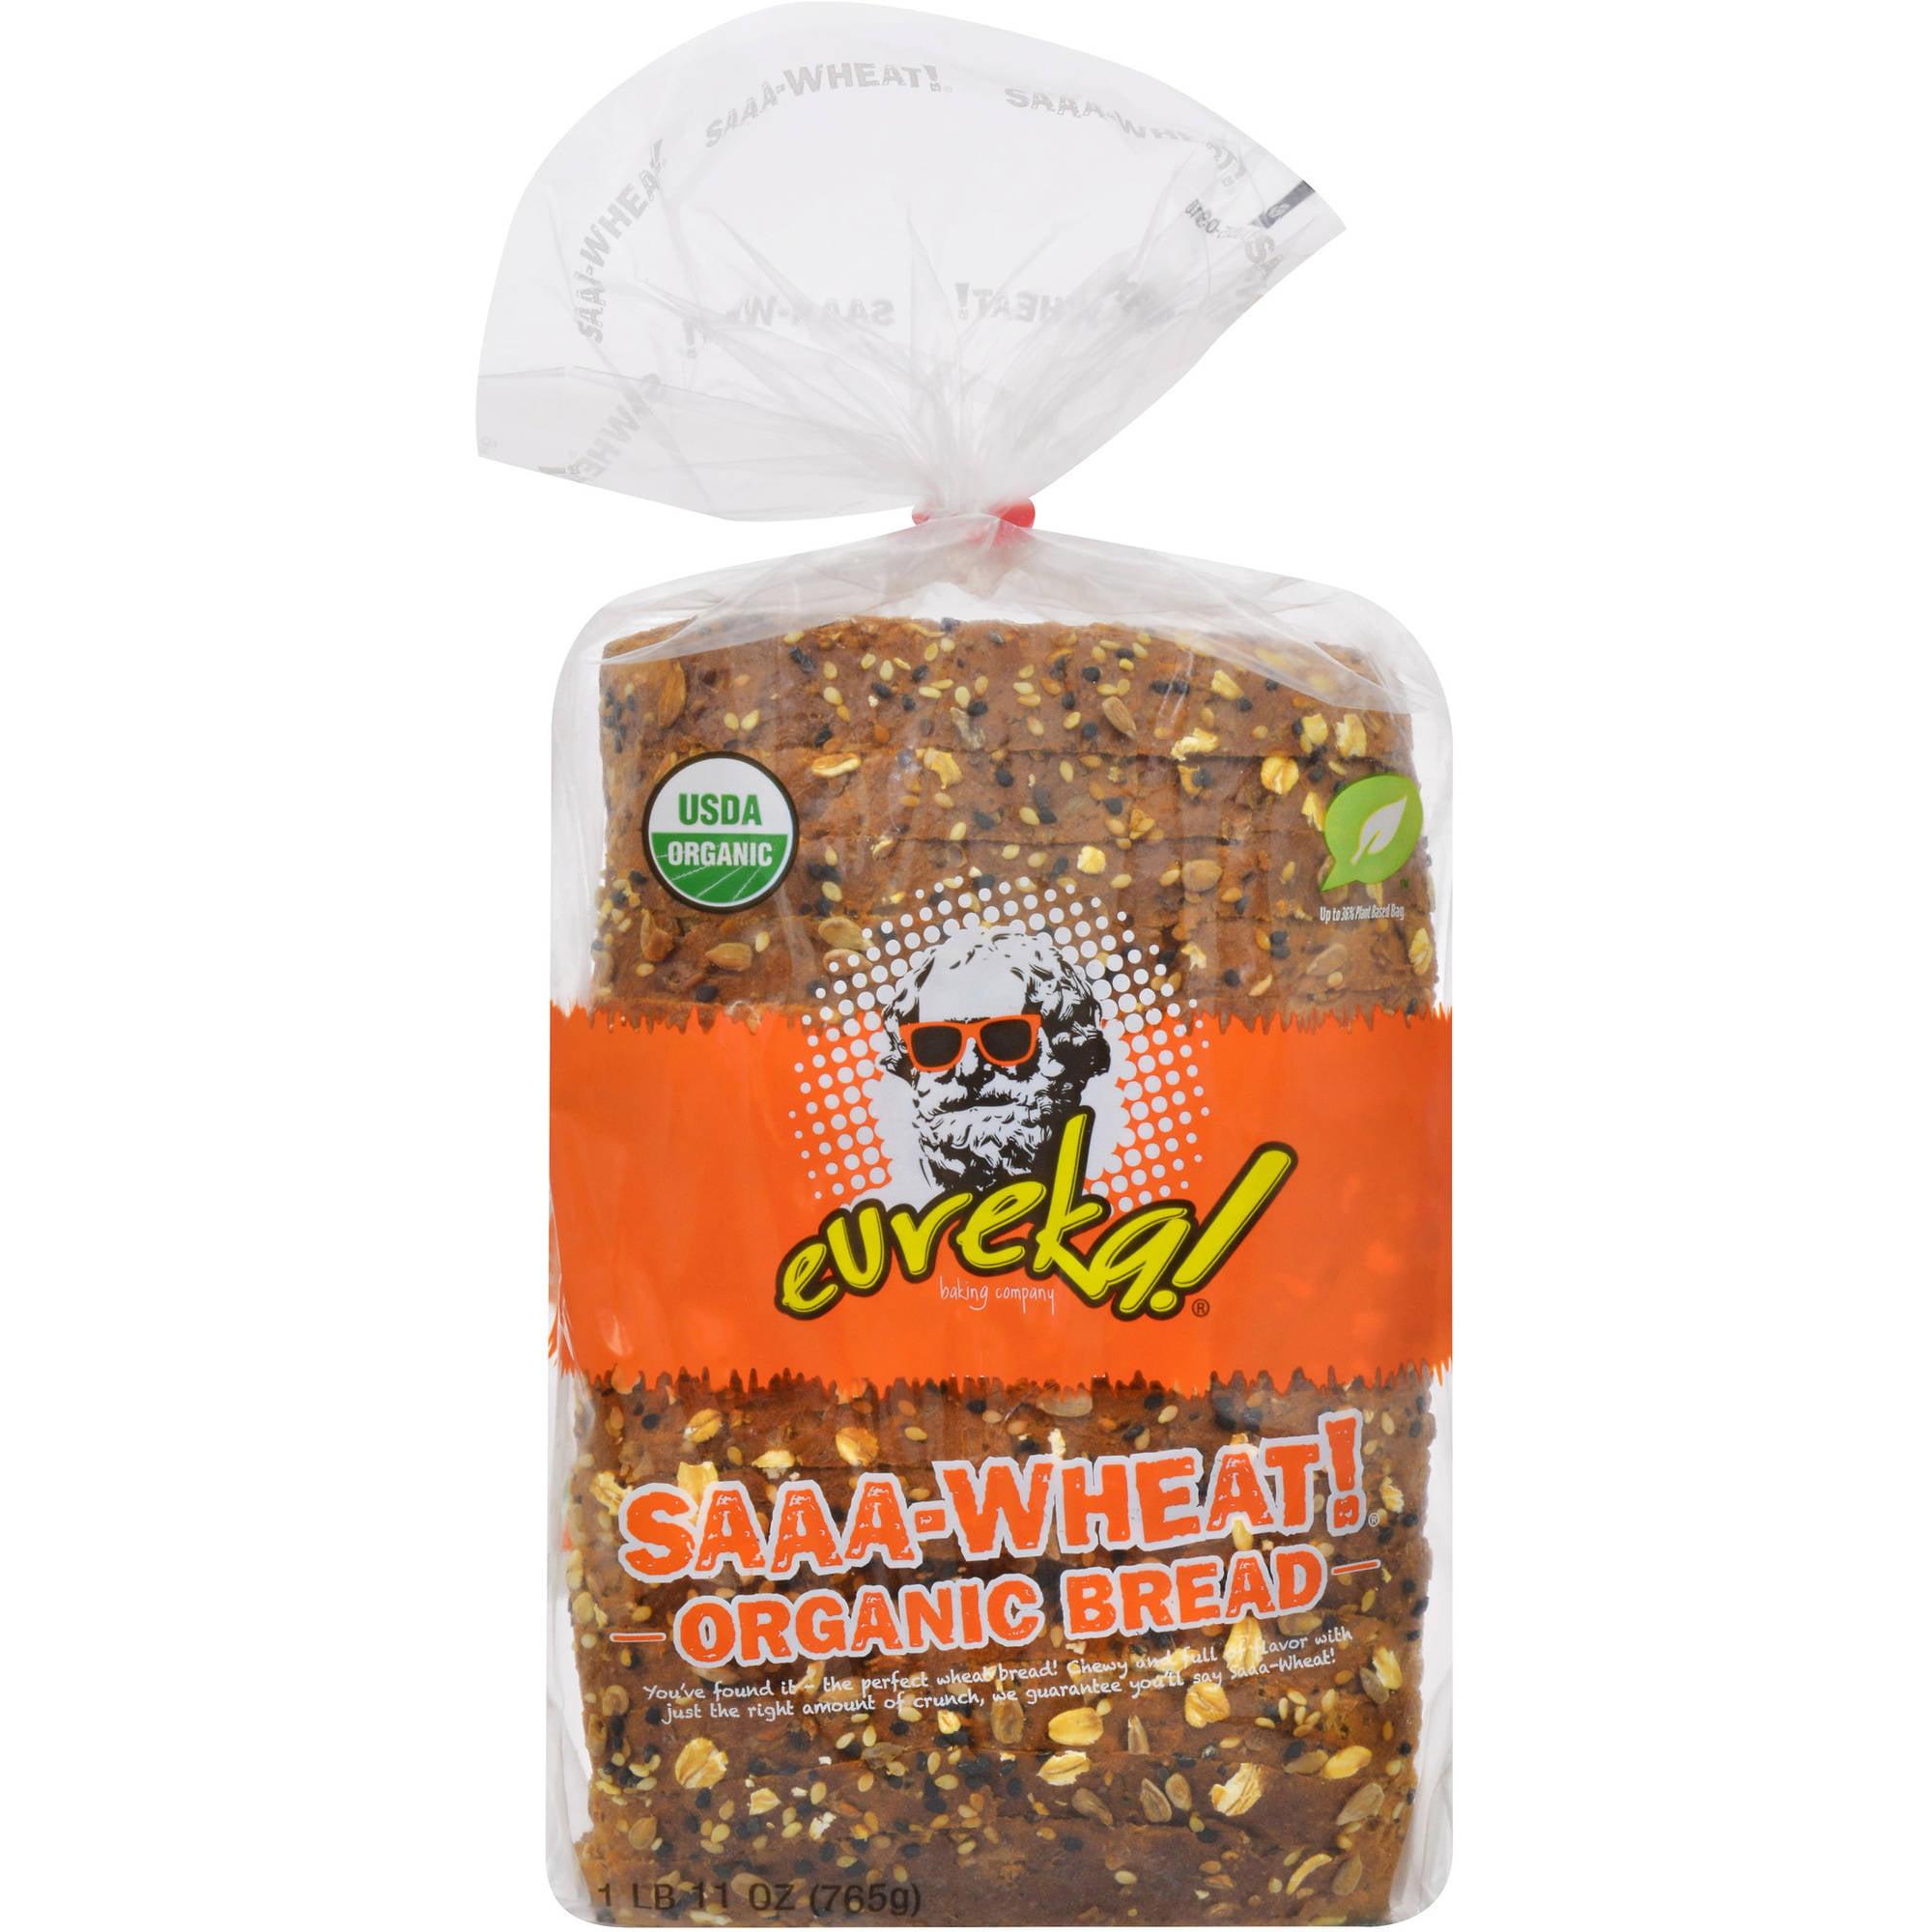 eureka! Saaa-Wheat! Bread, 27 oz